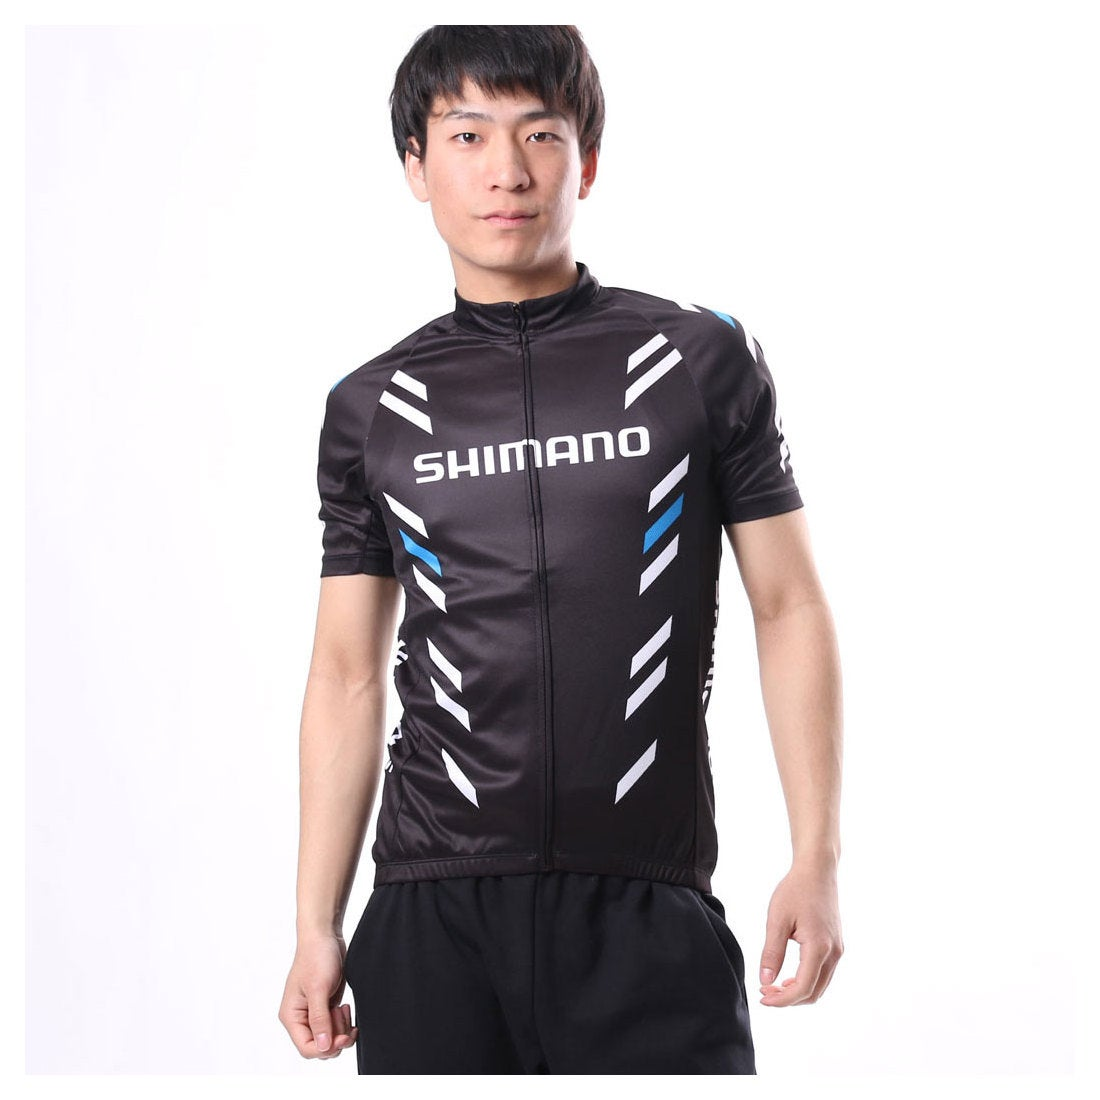 【SALE 30%OFF】シマノ SHIMANO メンズ バイシクル サイクルジャージ/ジャケット プリントショートスリーブジャージ SGSQS51ML2